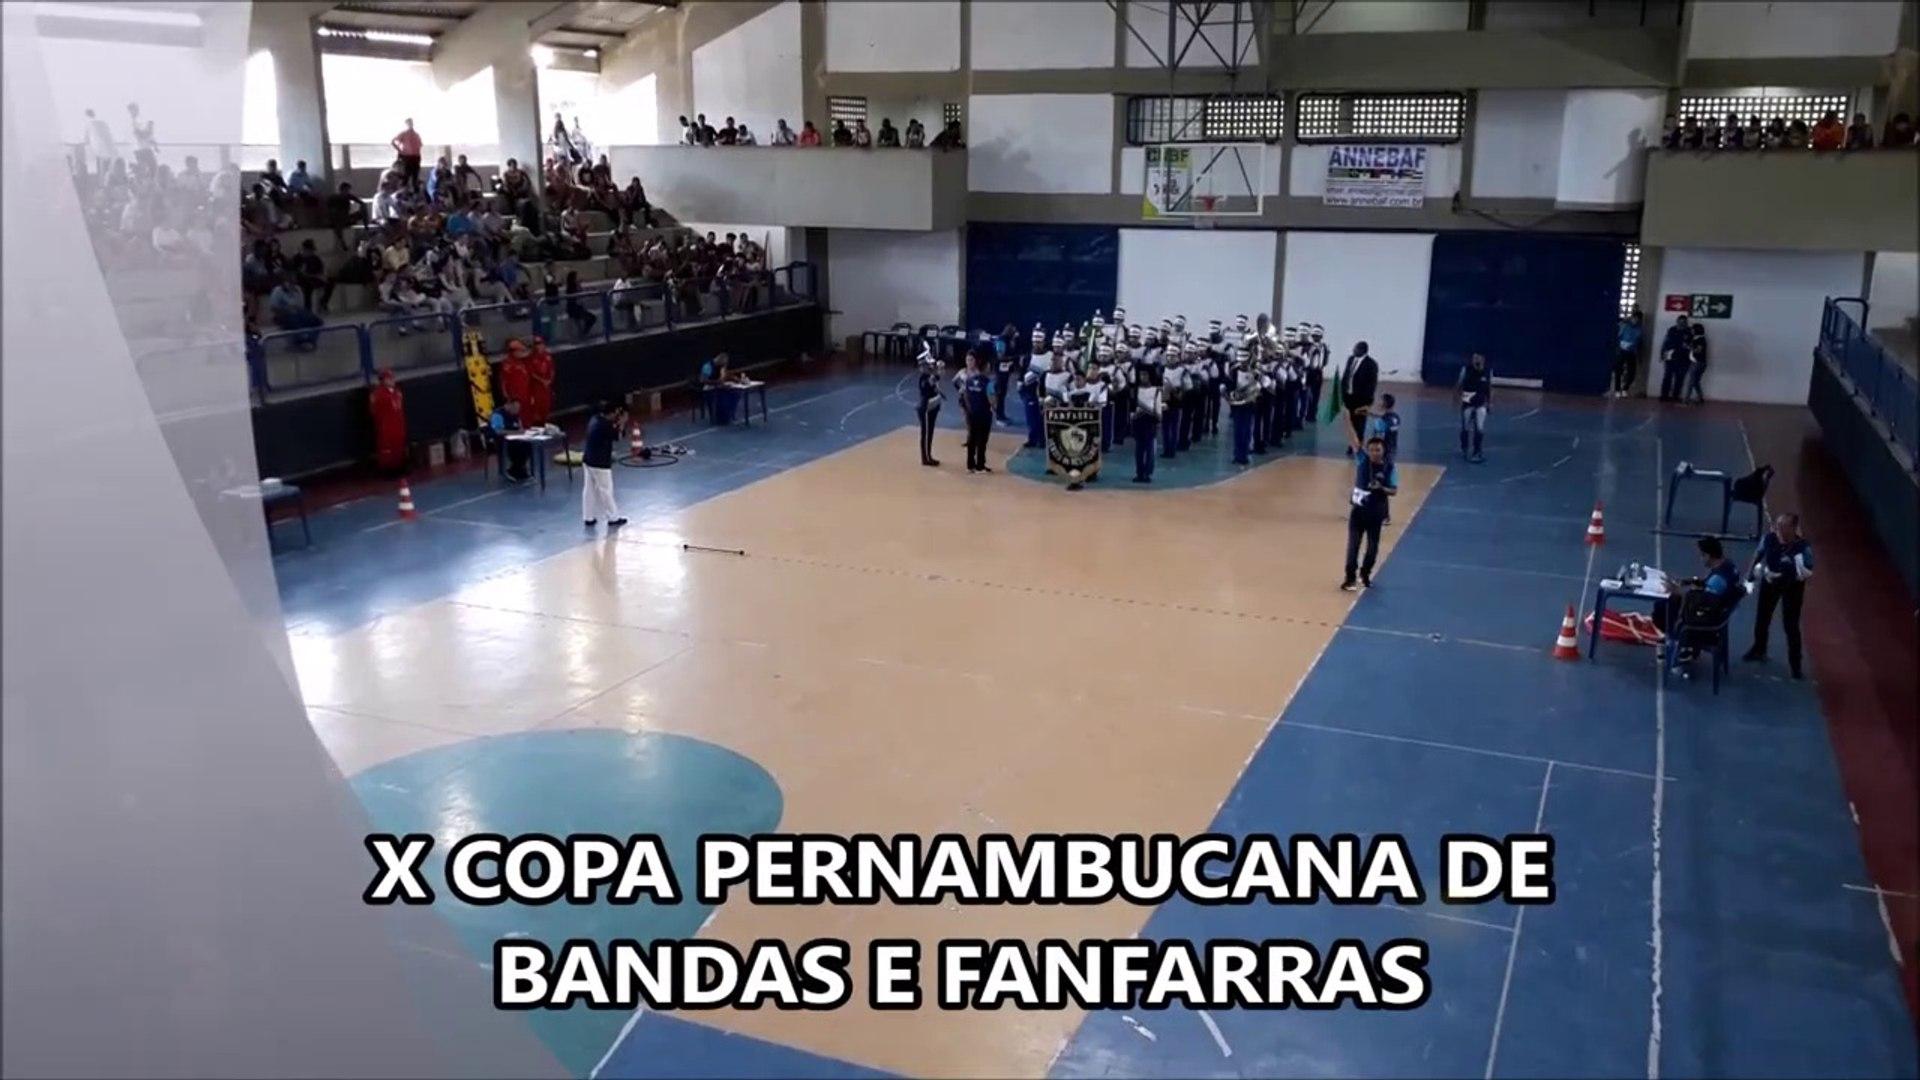 FANFARRA HERÓIS DA RESTAURAÇÃO 2018 | ETAPA FINAL | X COPA PERNAMBUCANA DE BANDAS E FANFARRAS | ABAN